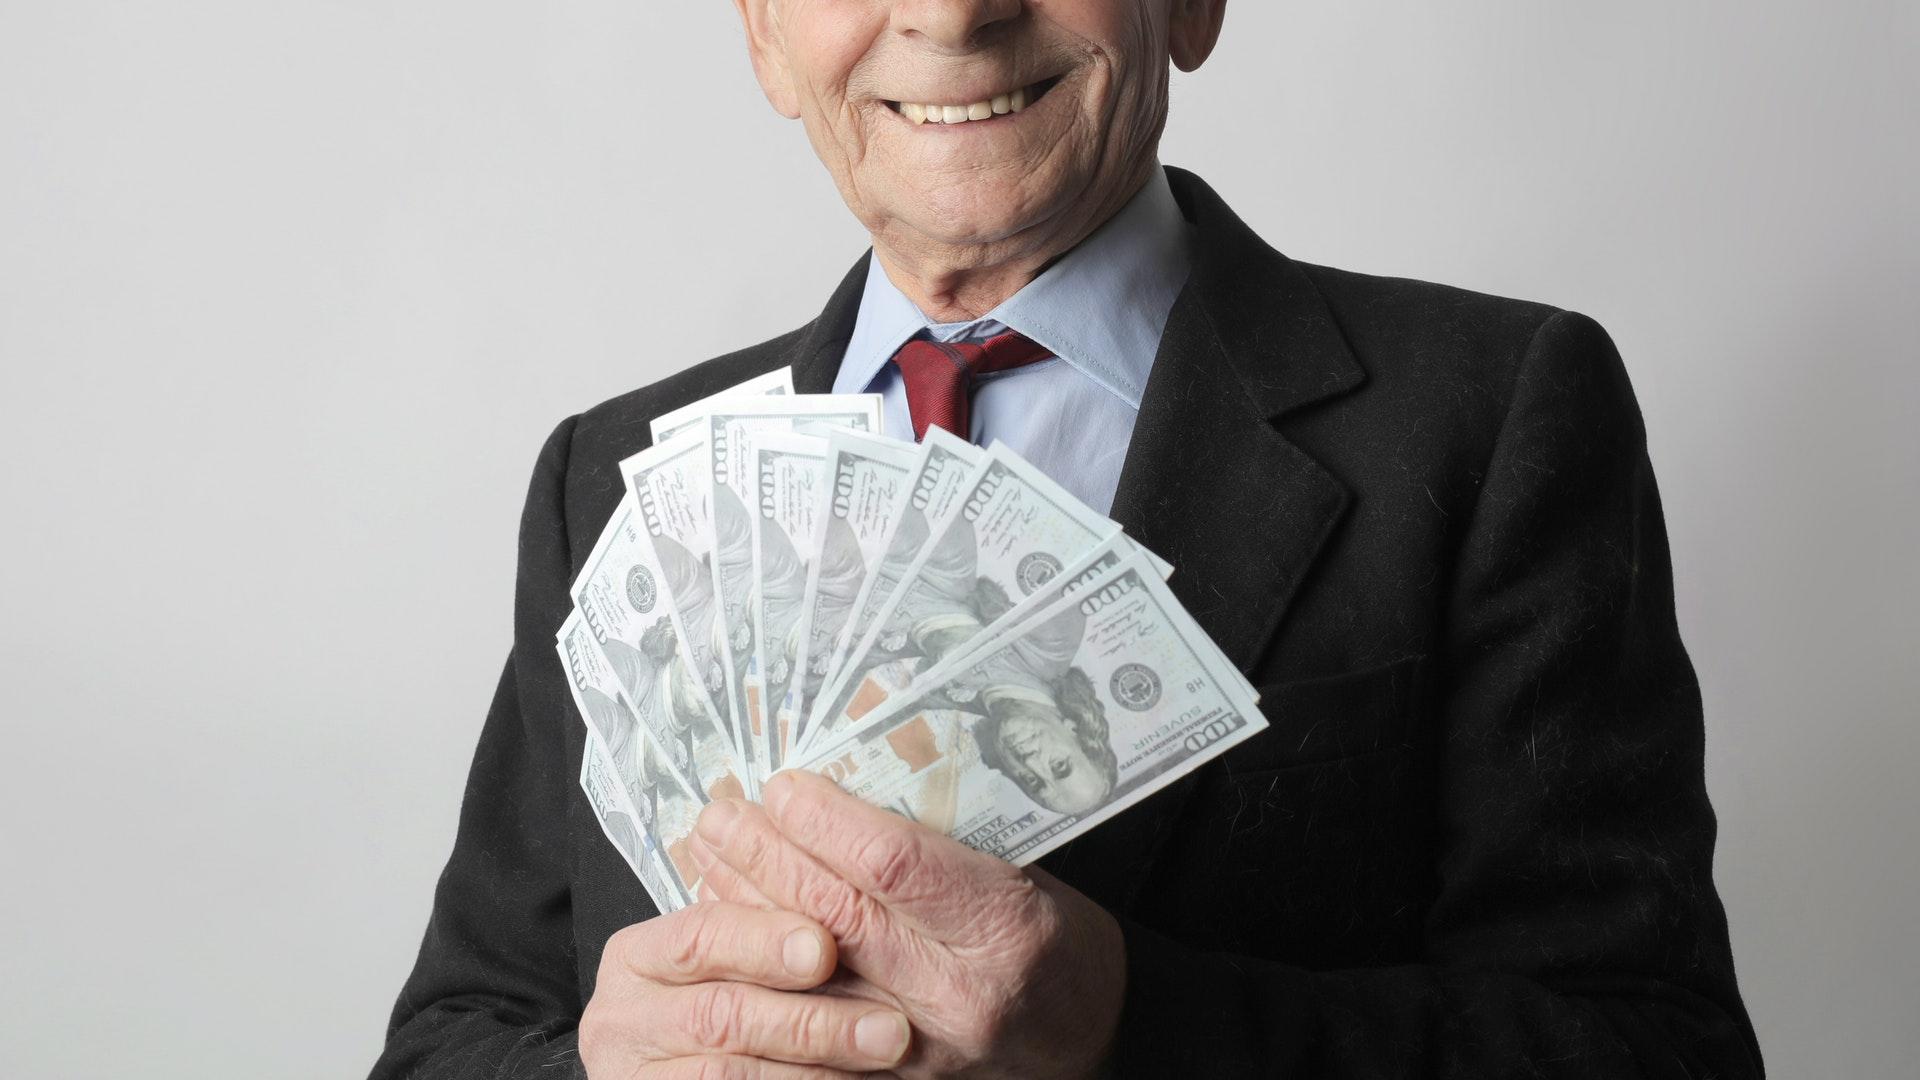 משיכת כספים מקופת גמל תיקון 190 עבורכם